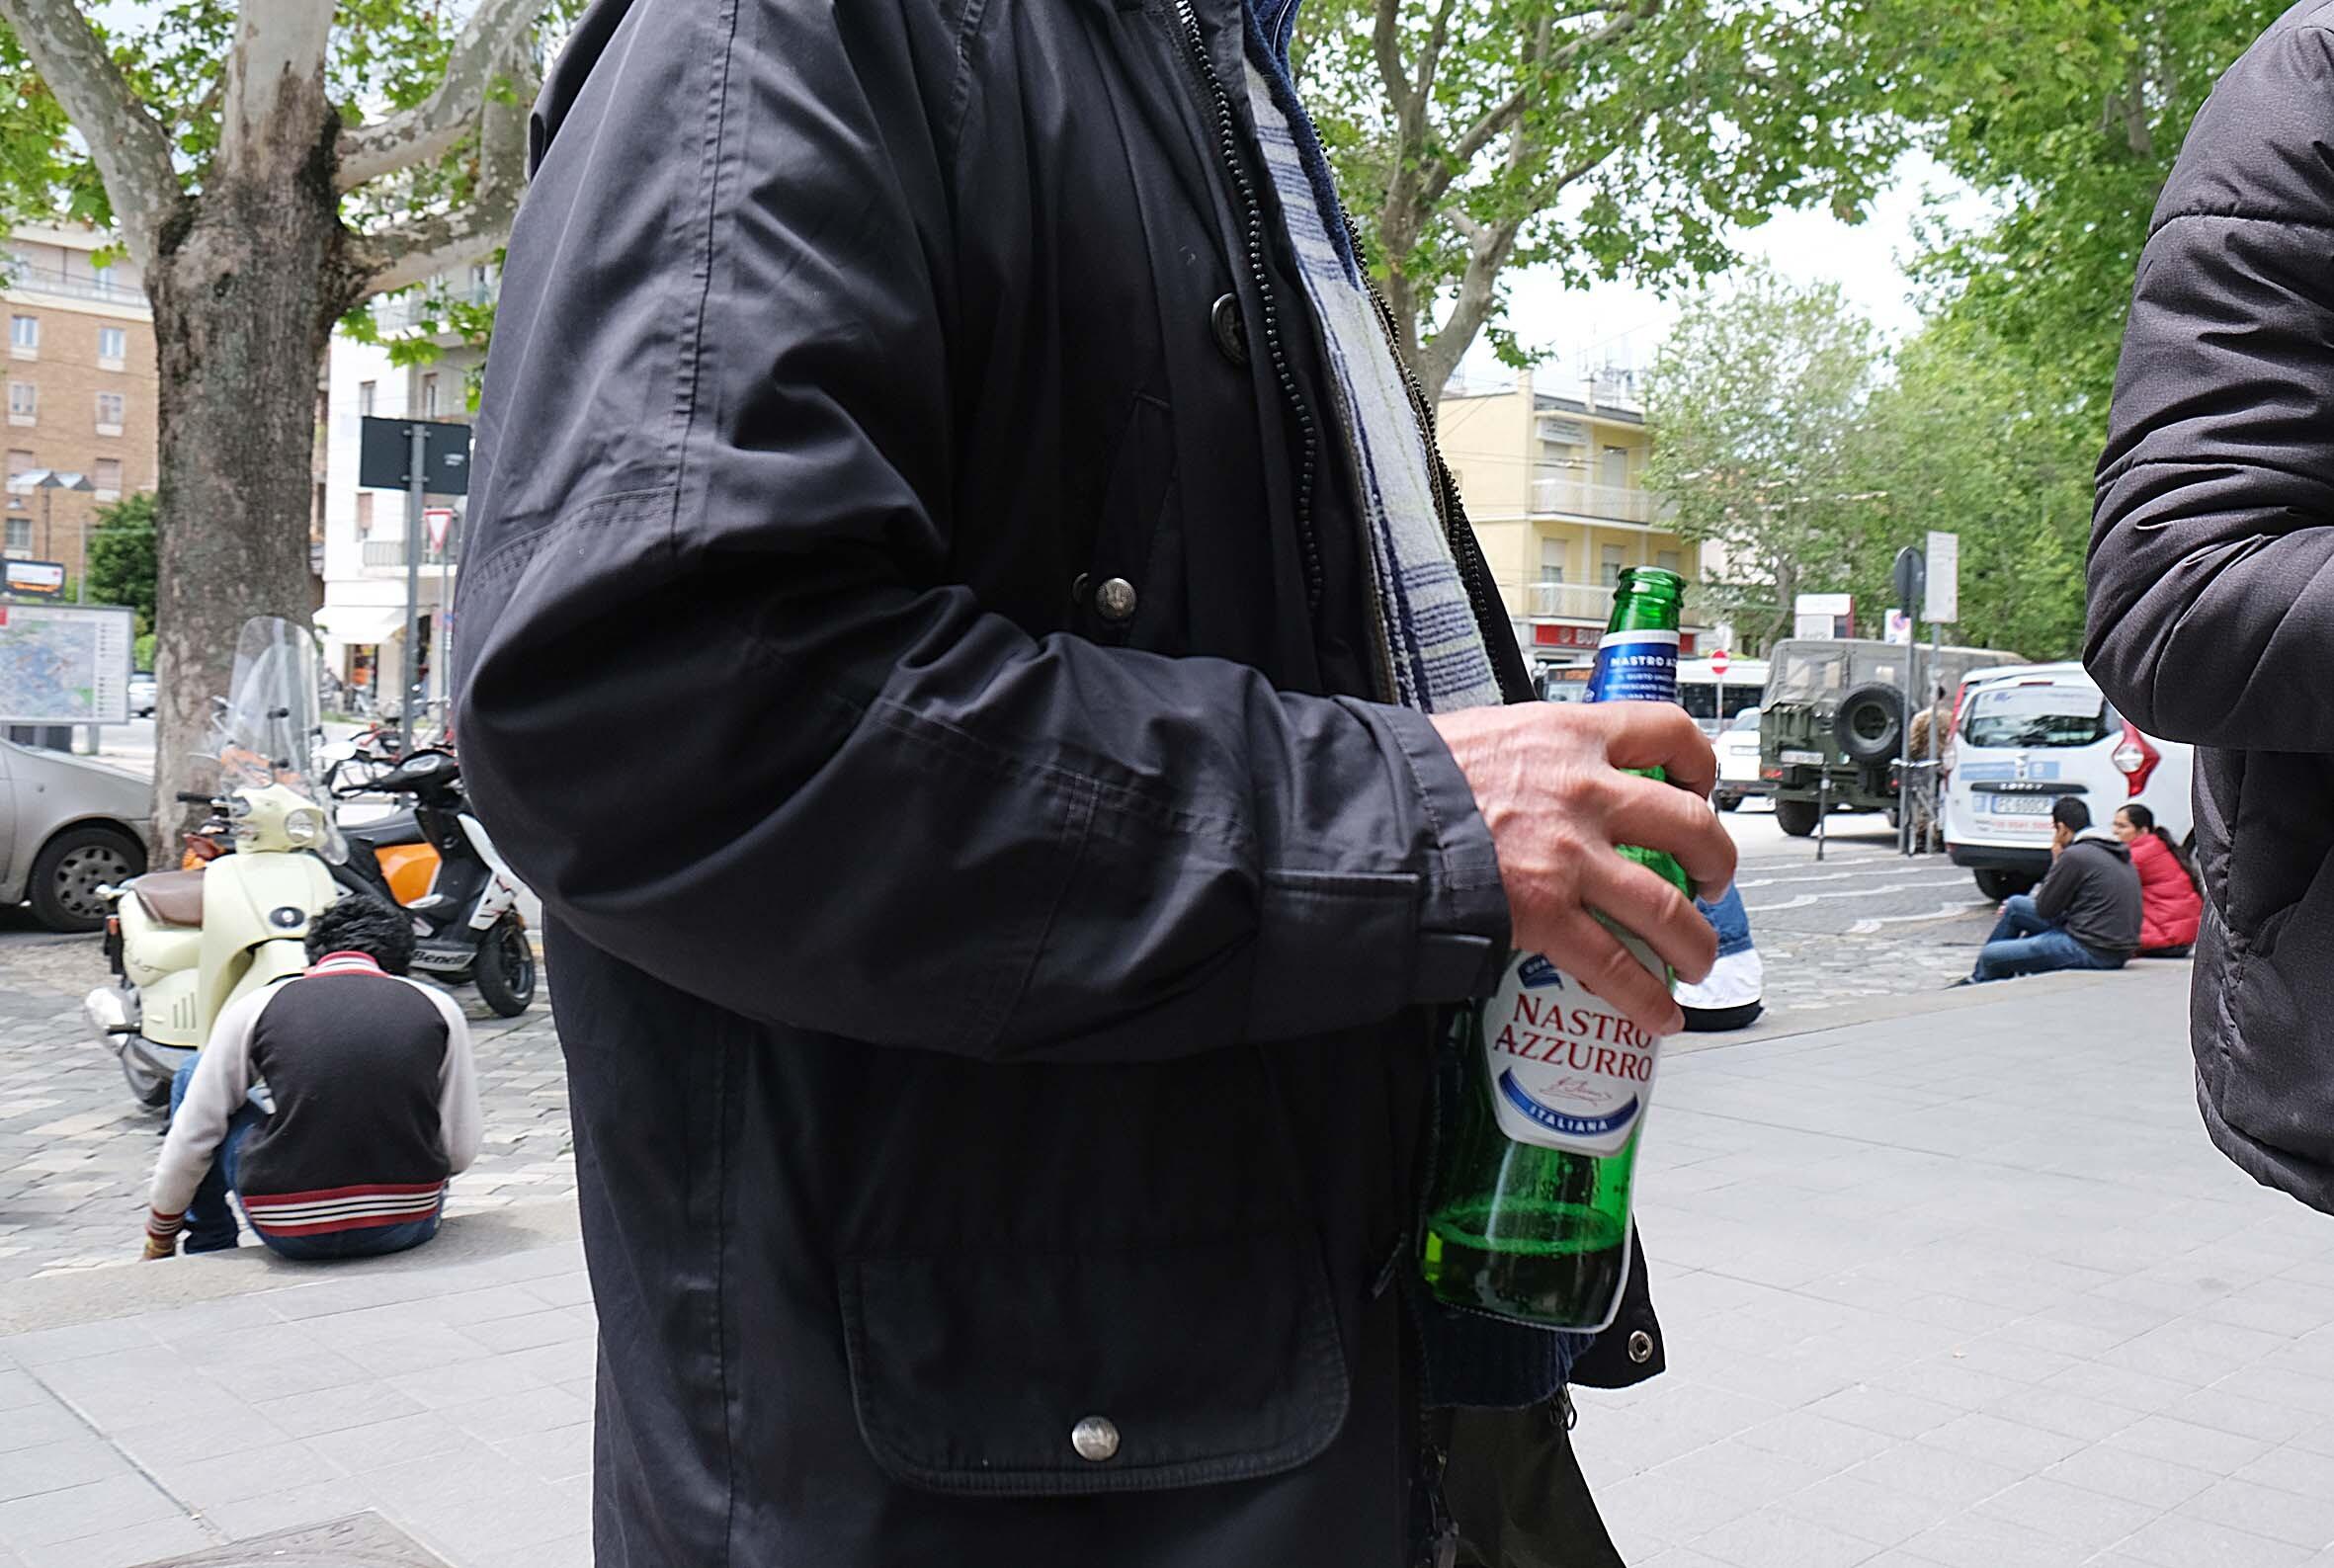 Rimini, consumo di alcol nelle aree pubbliche: 26 multati